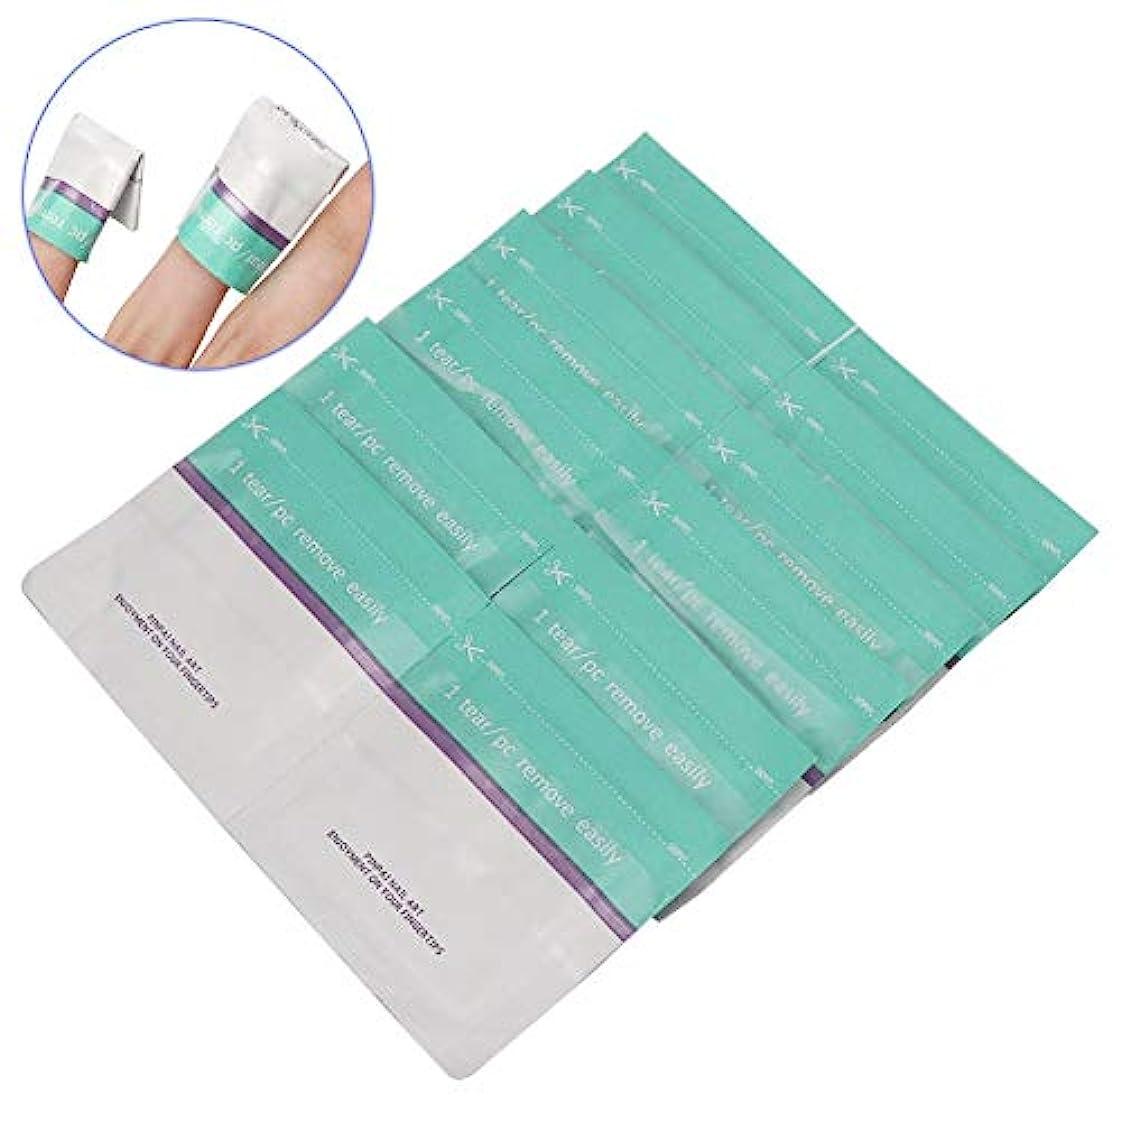 キロメートルブリーク人気のYuyte 200ピース使い捨てネイルポリッシュリムーバー錫箔ラップuvジェルリムーバーコットンパッドマニキュアツール